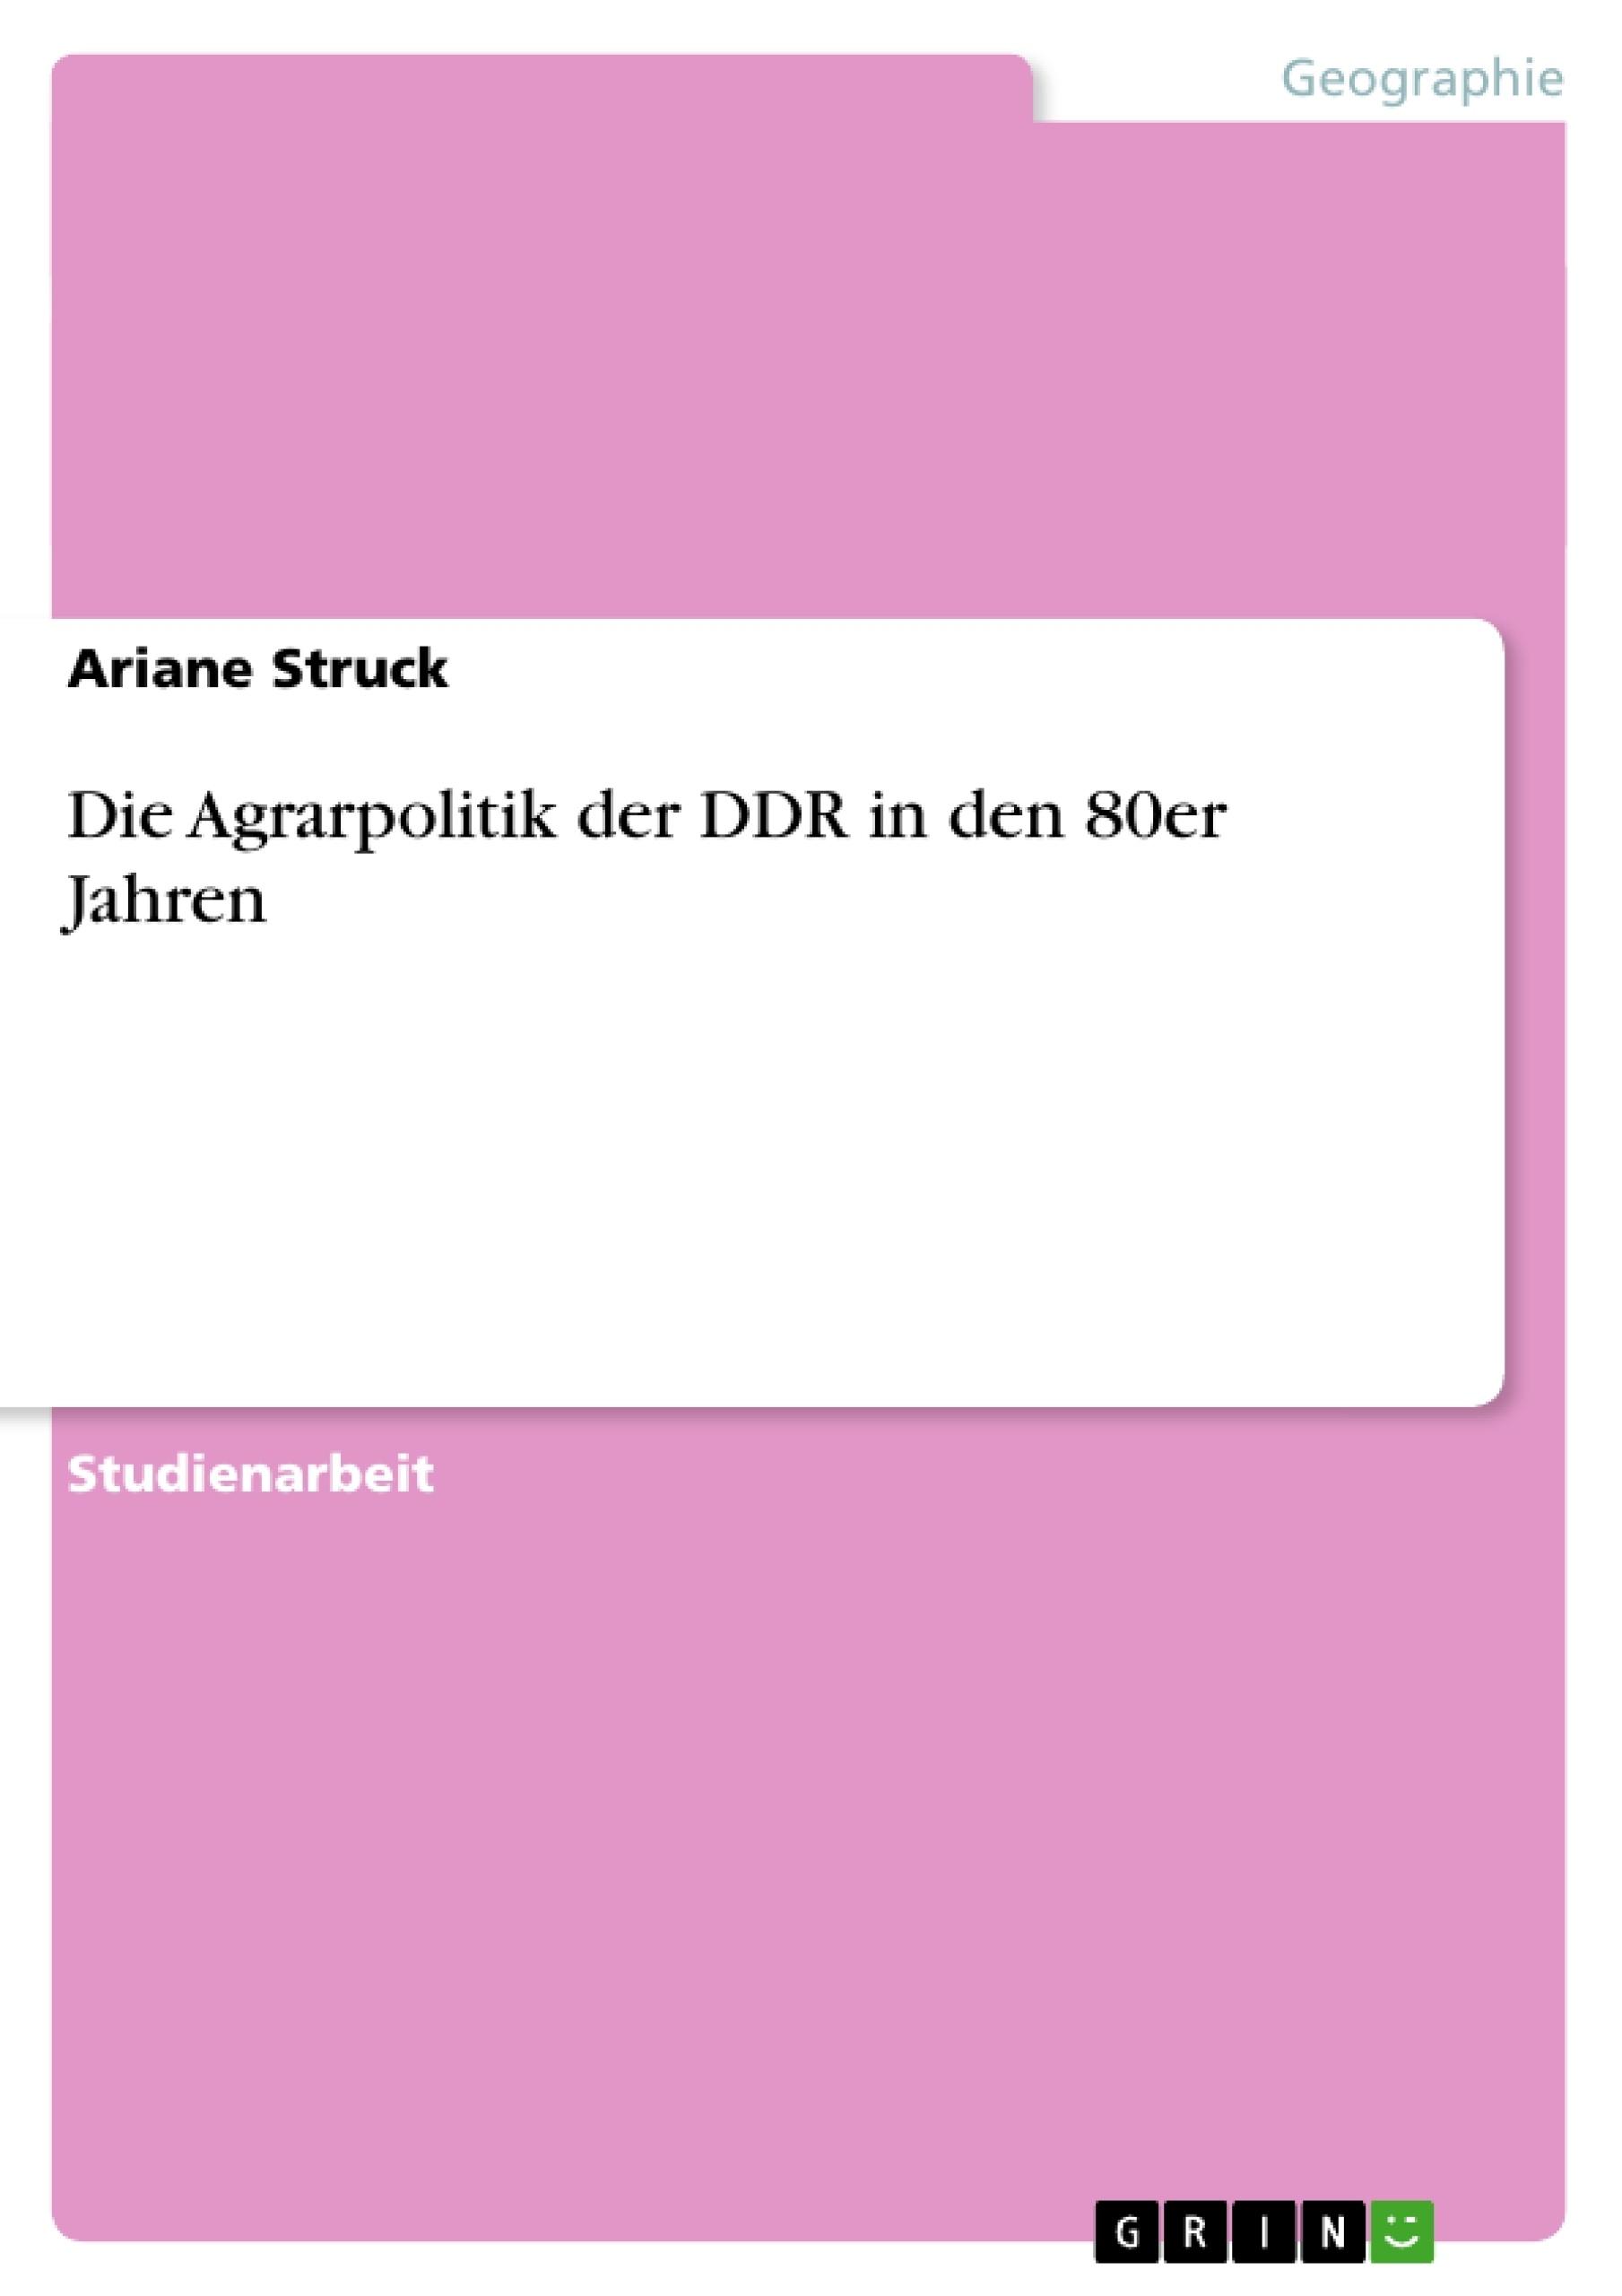 Titel: Die Agrarpolitik der DDR in den 80er Jahren